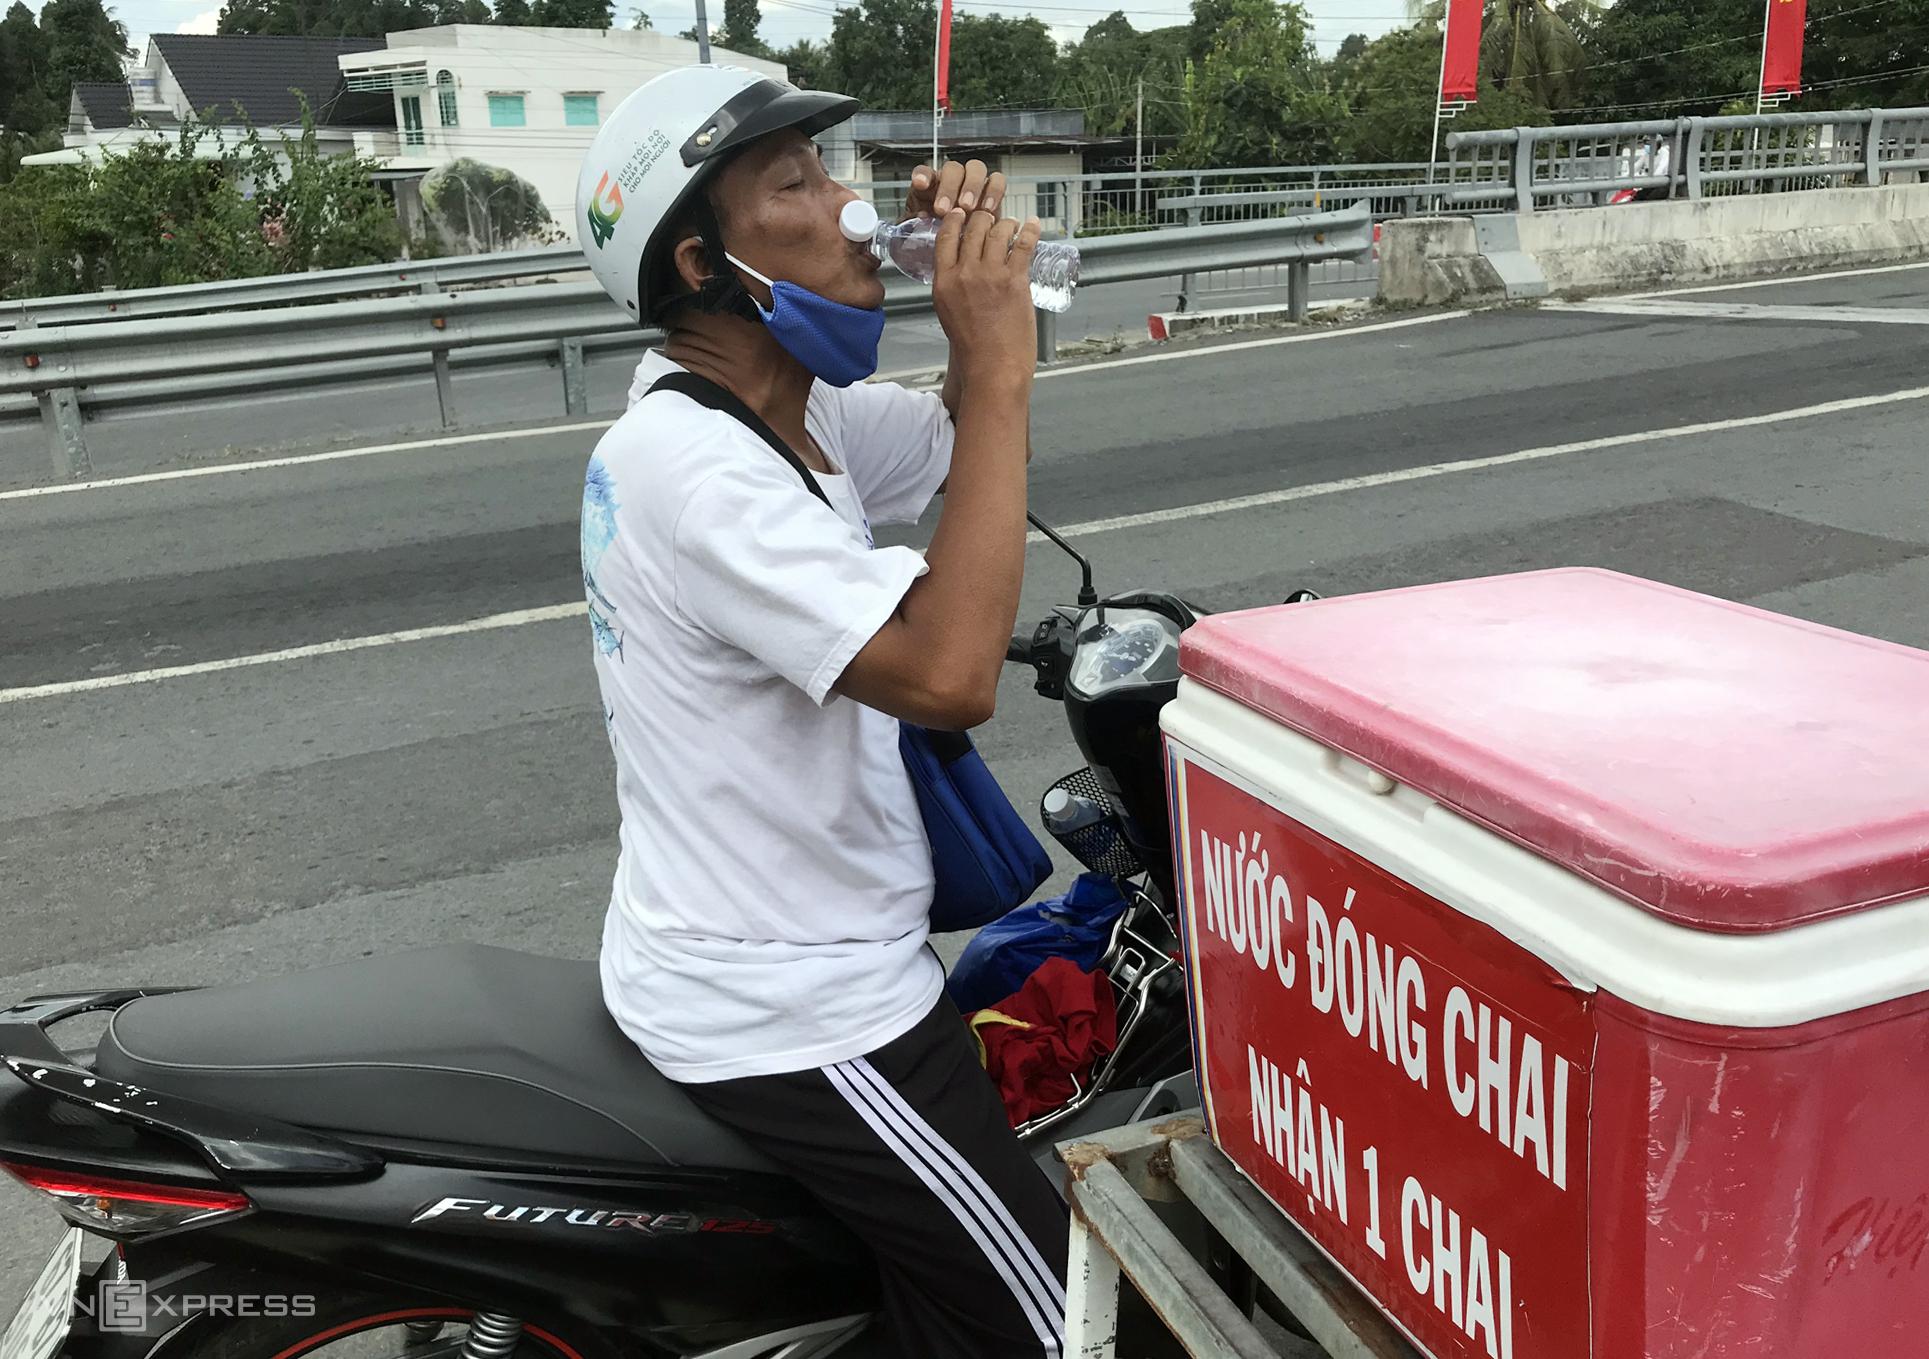 Ngoài cơm, quần áo từ thiện ông Sáng còn để một thùng nước chai miễn phí cho người đi đường uống - Ảnh: Phúc Điền